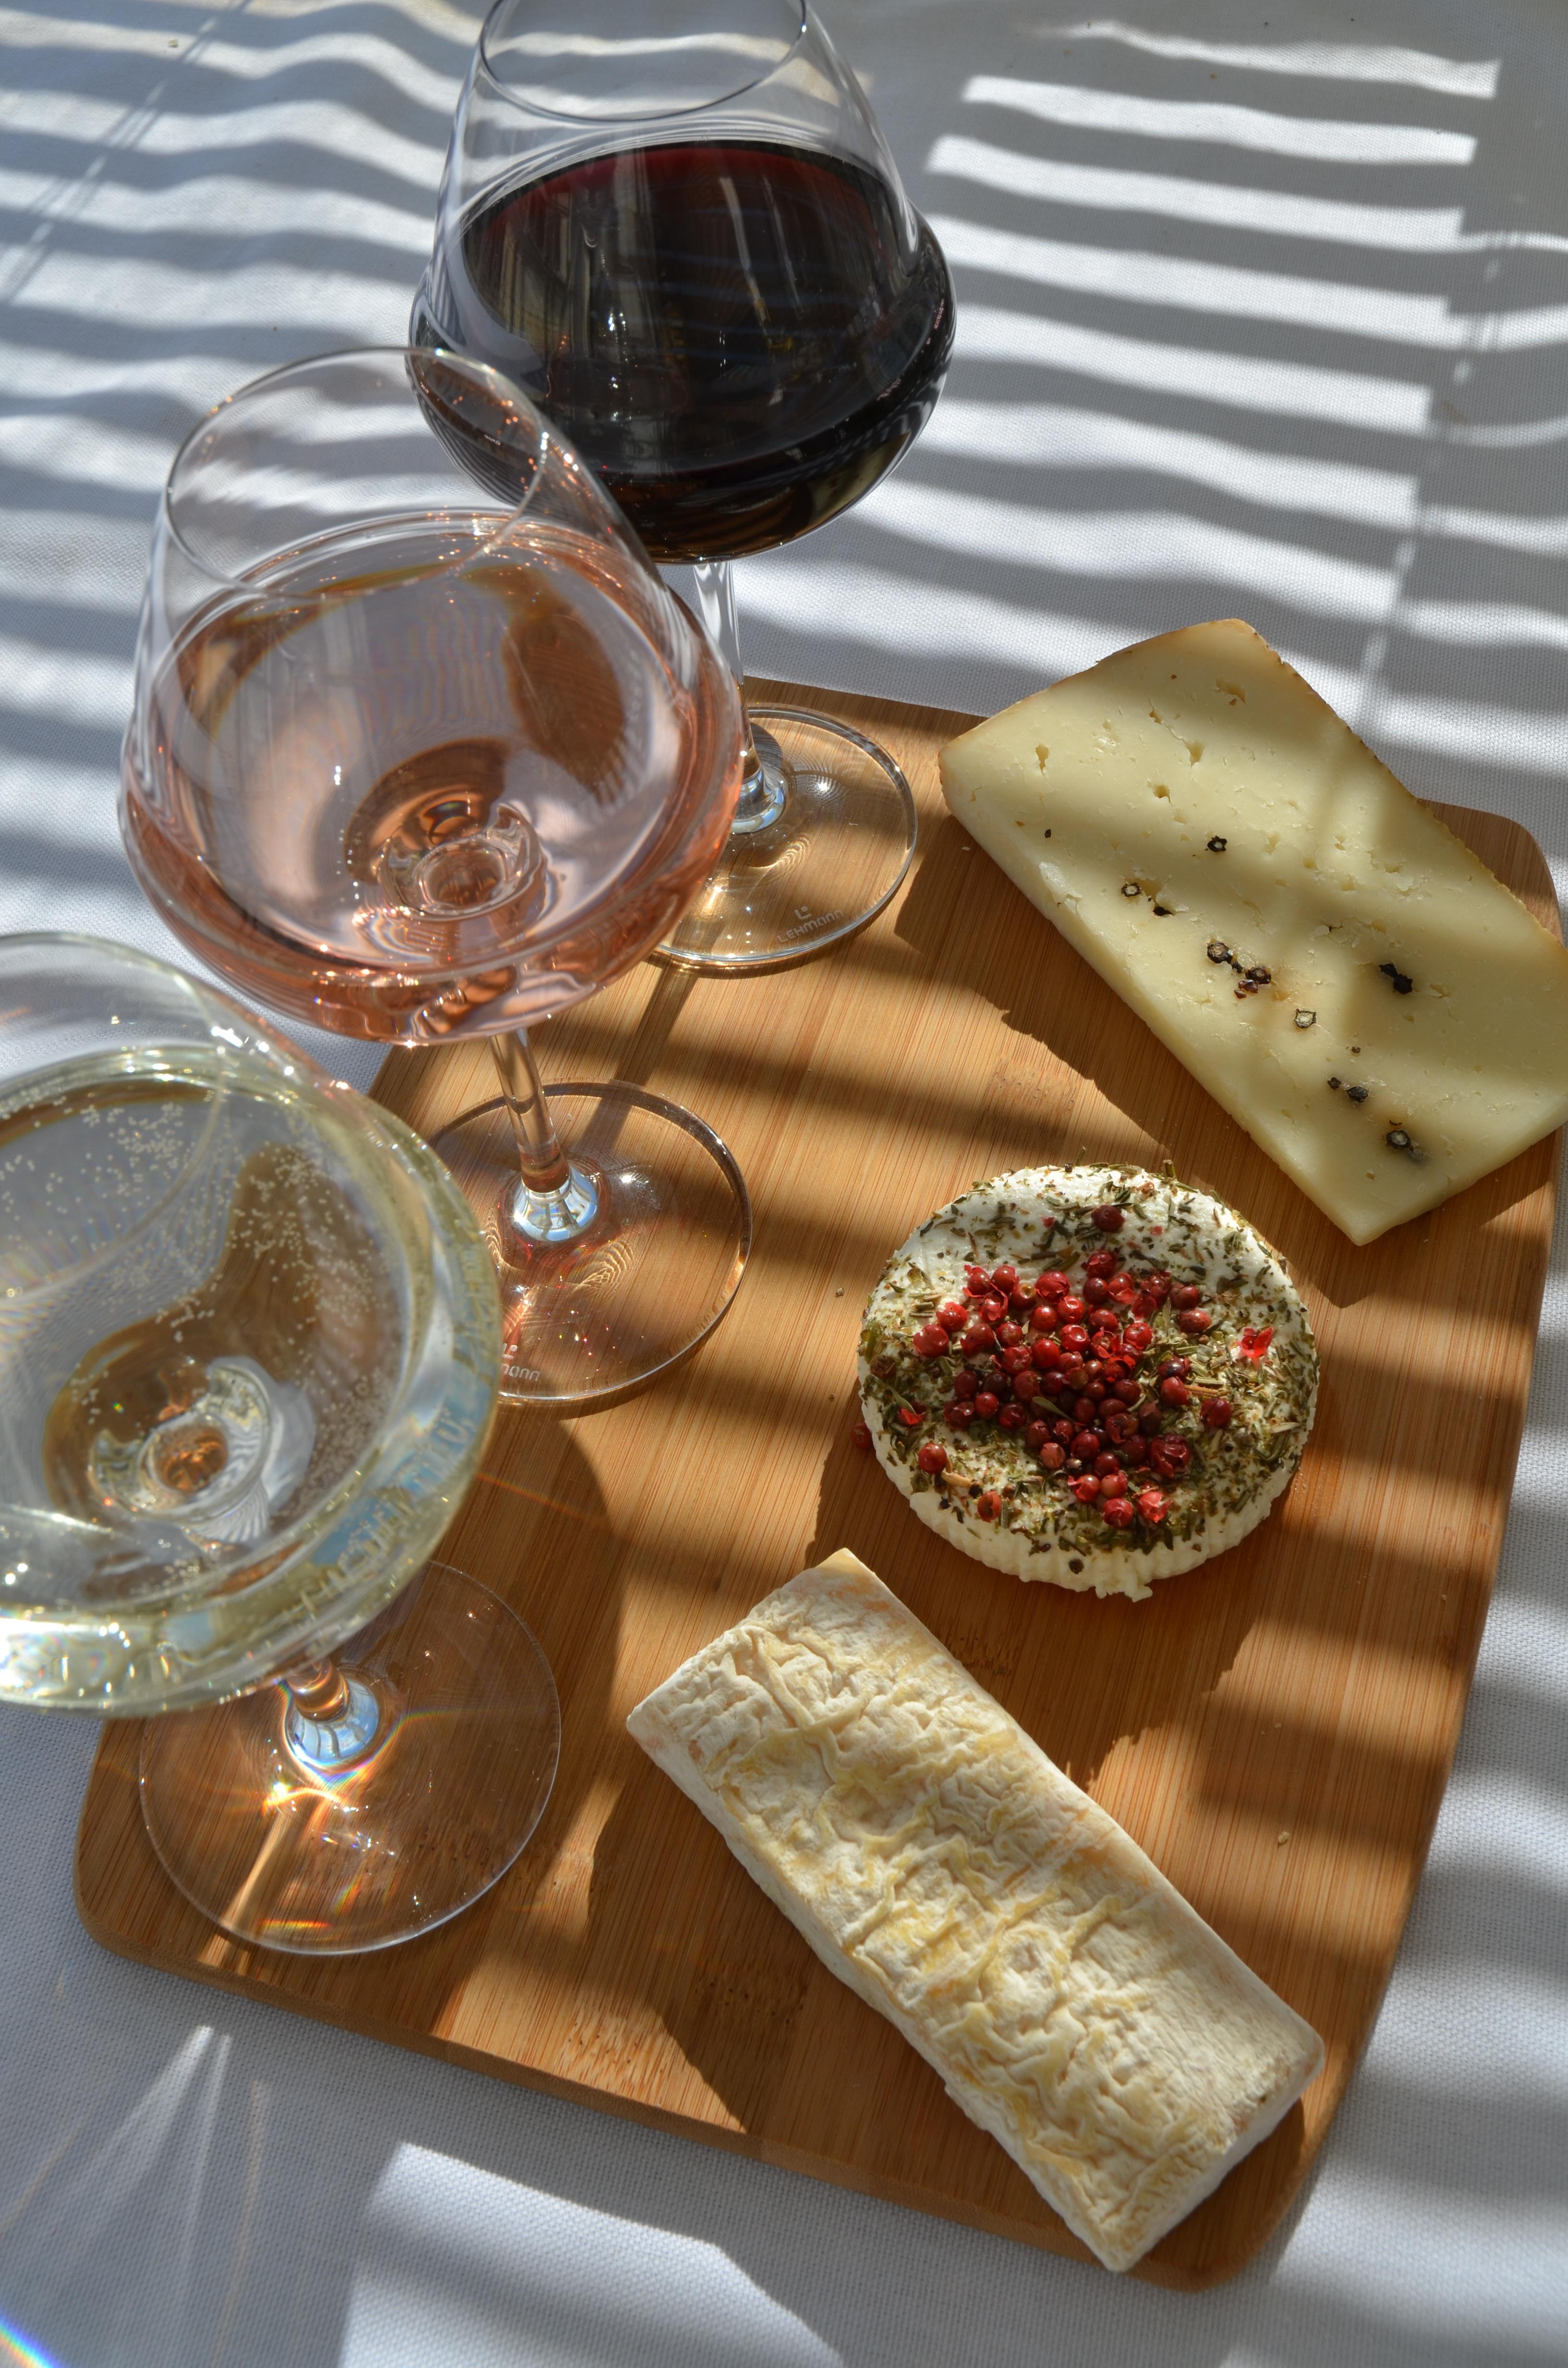 WineCheese-1